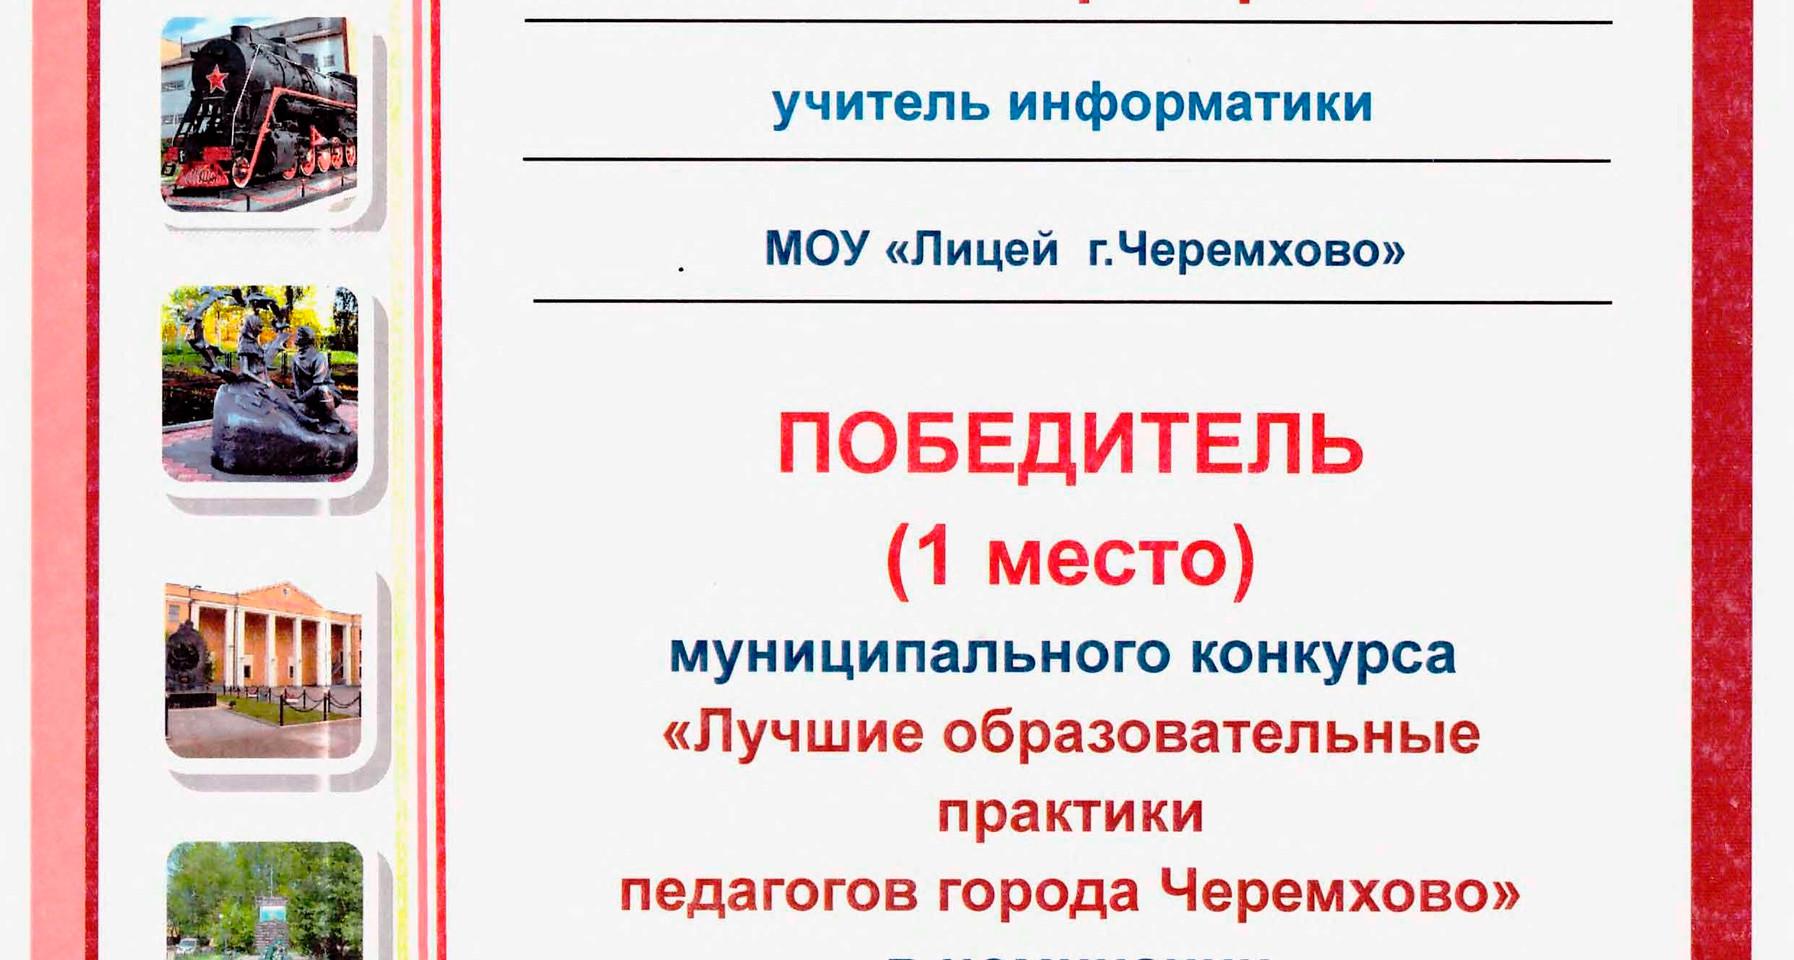 Победитель Муниципального конкурса педагогических практик